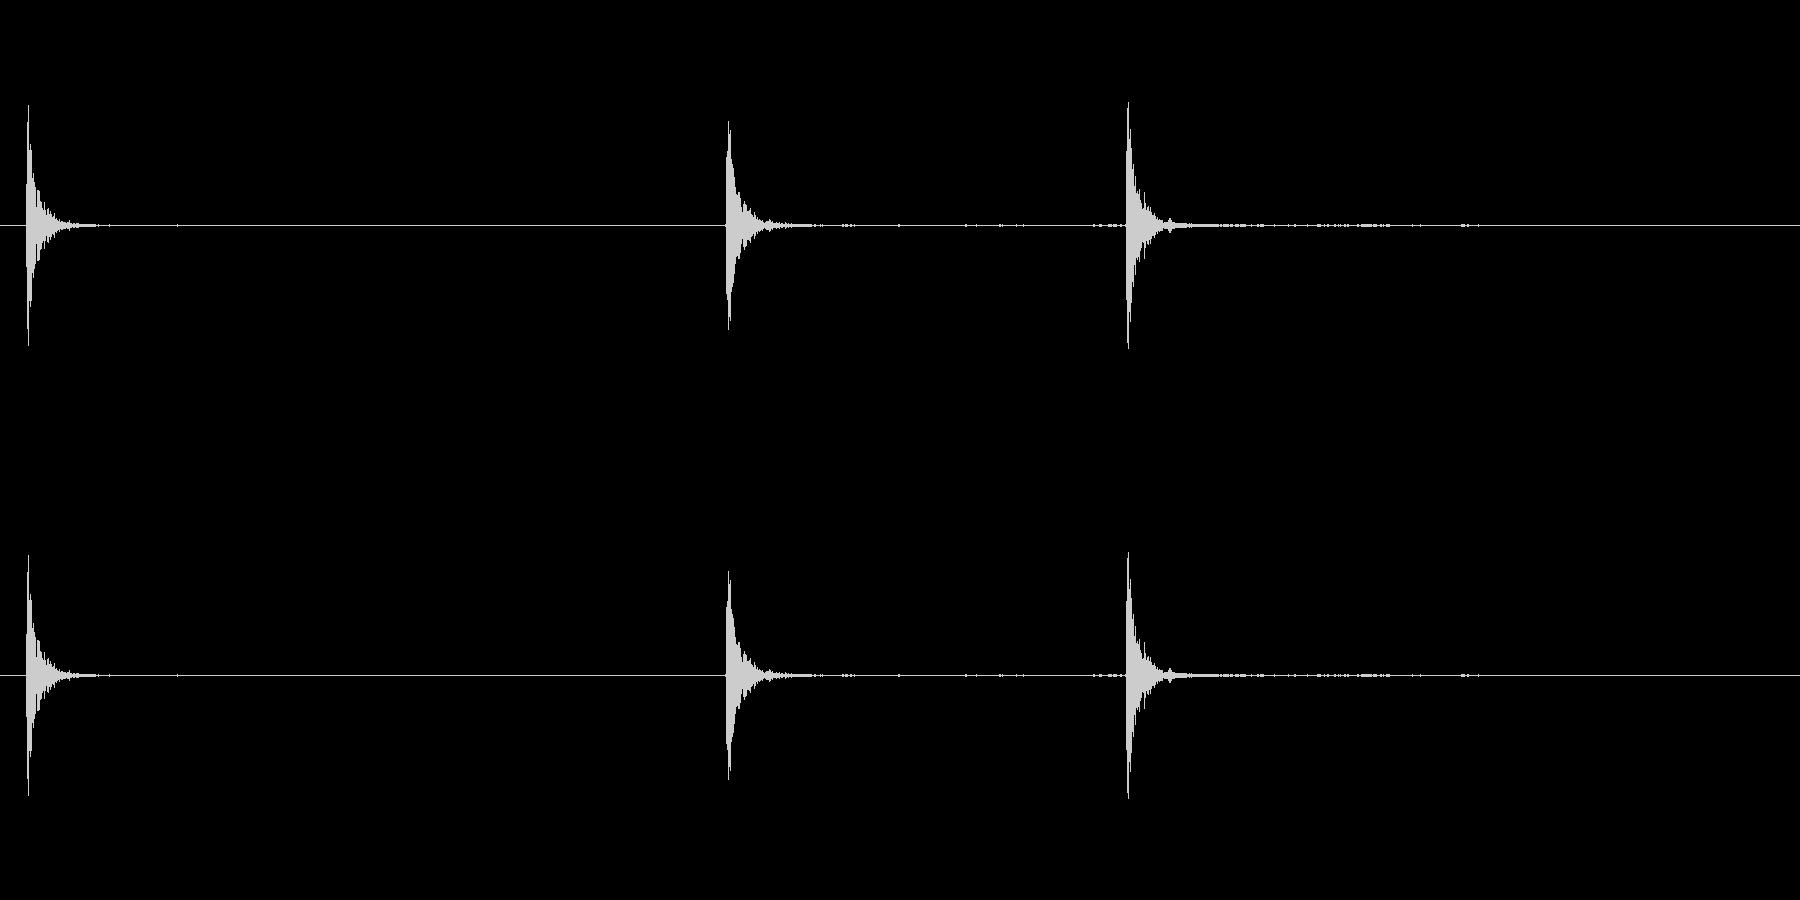 爆発16の未再生の波形